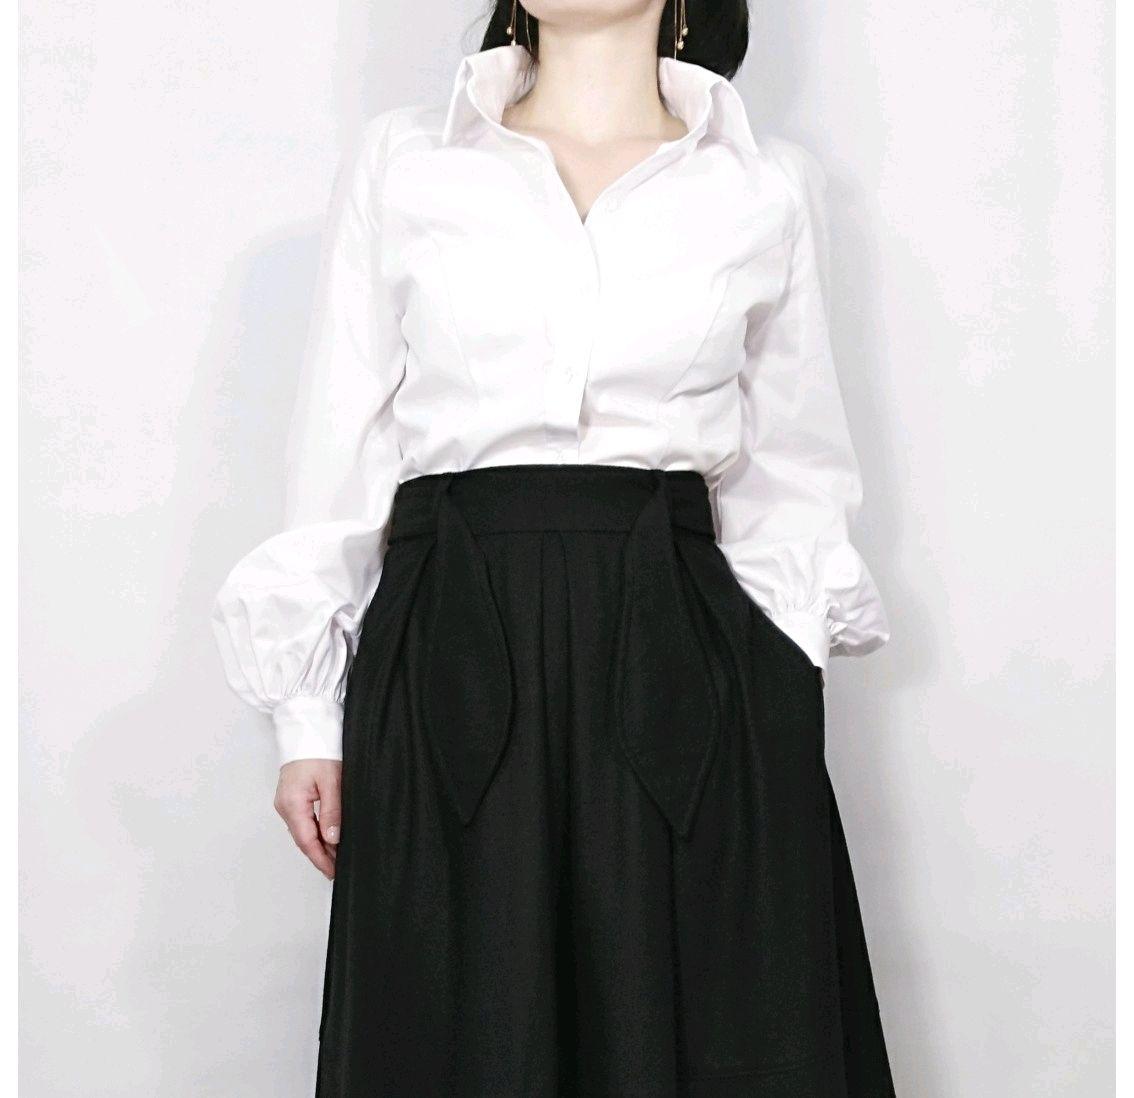 2078825de89 Белая блузка с пышными рукавами – купить в интернет-магазине на ...